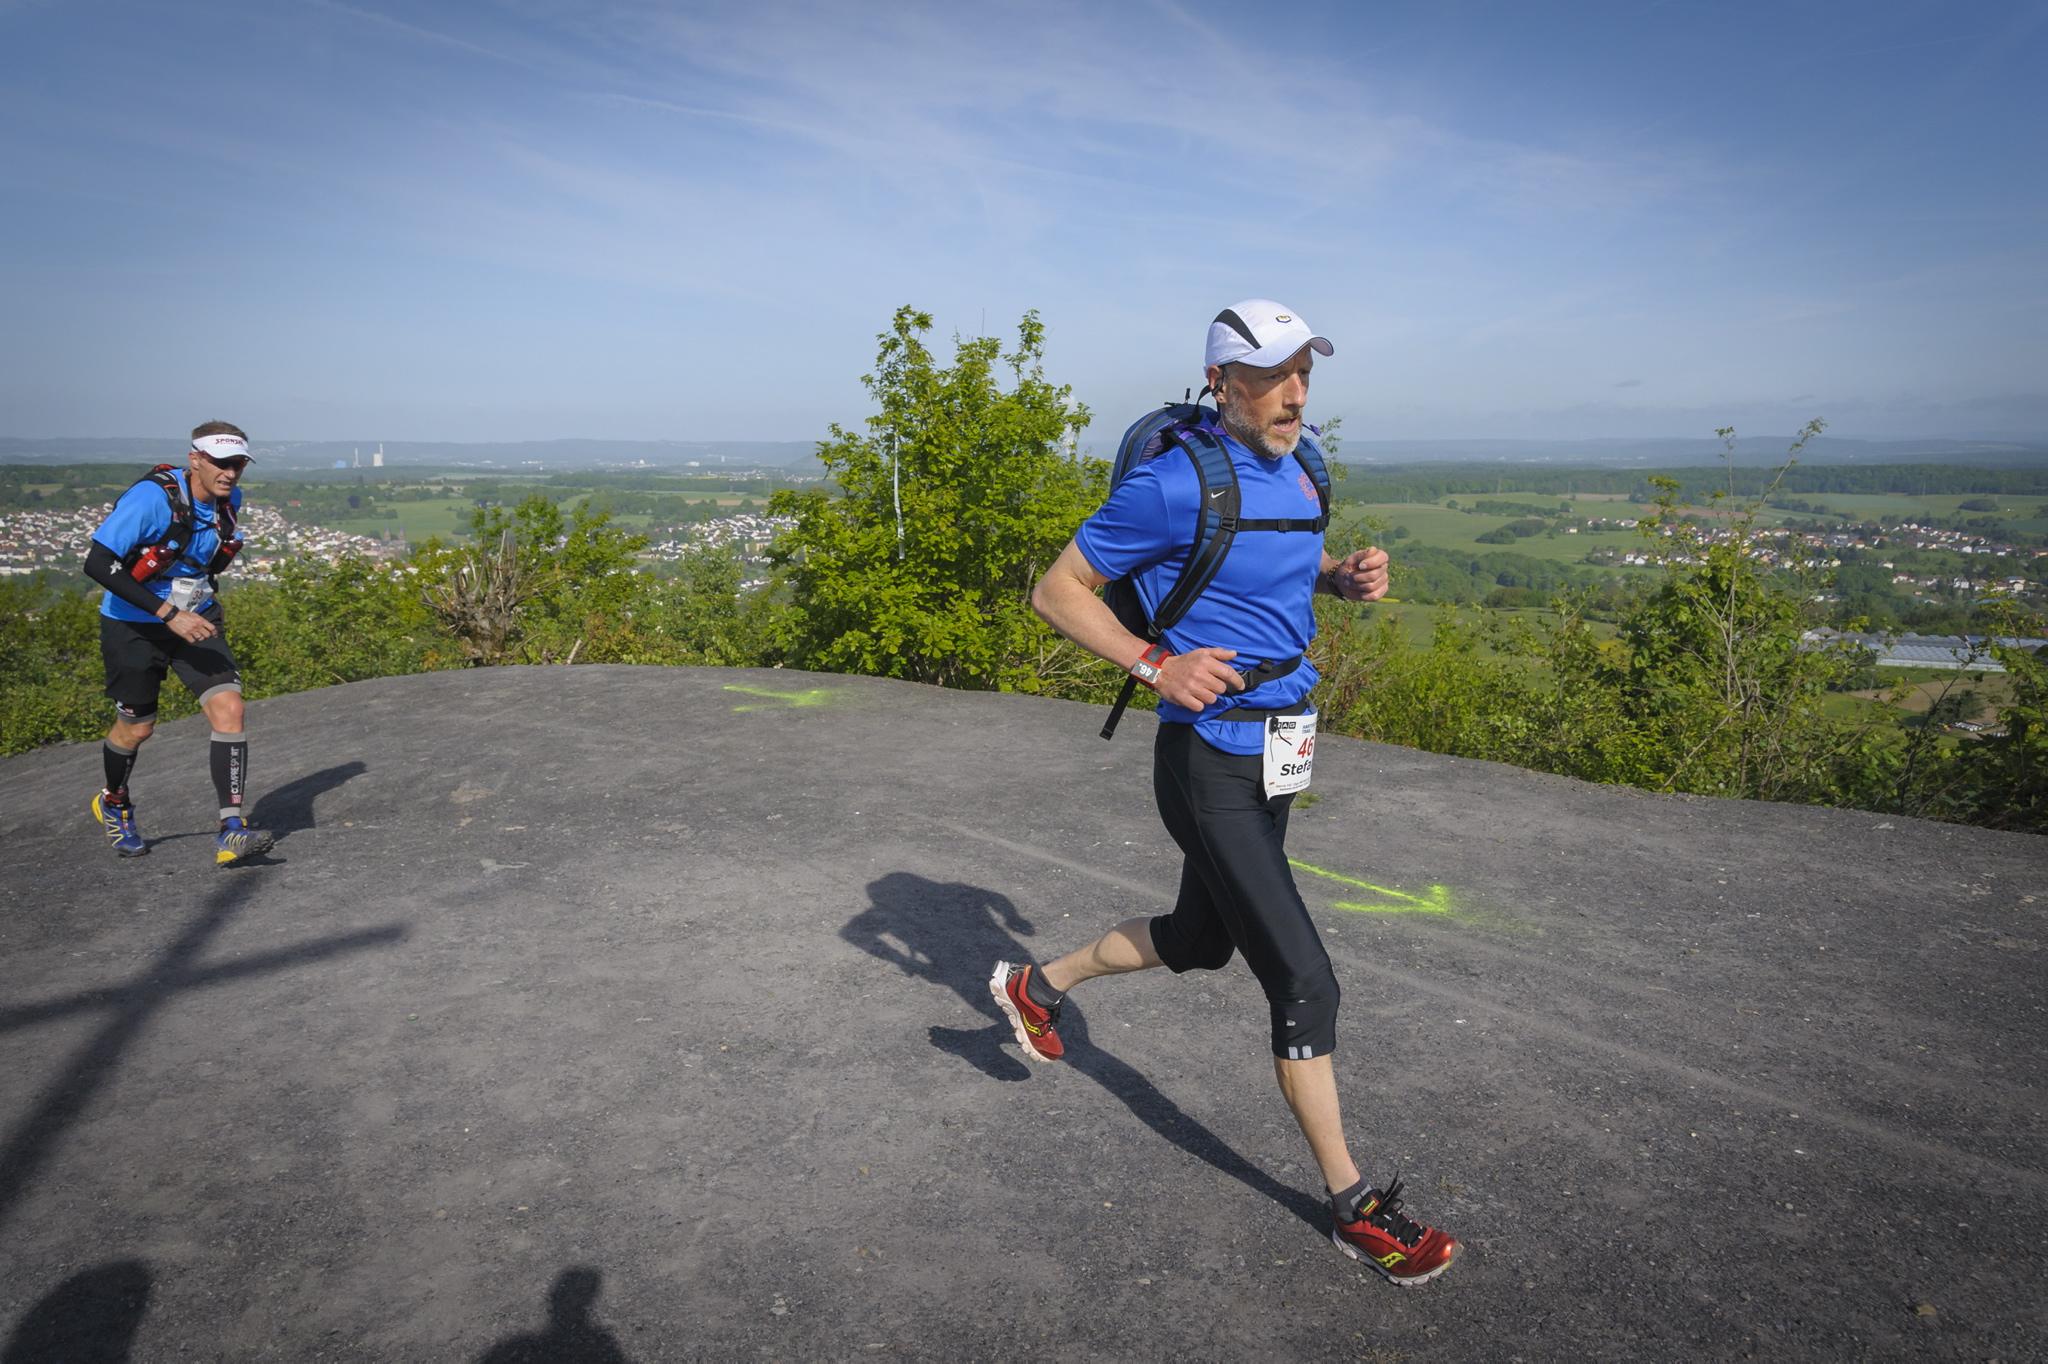 Willkommen im Urwald - Laufberichte - Trailrunning